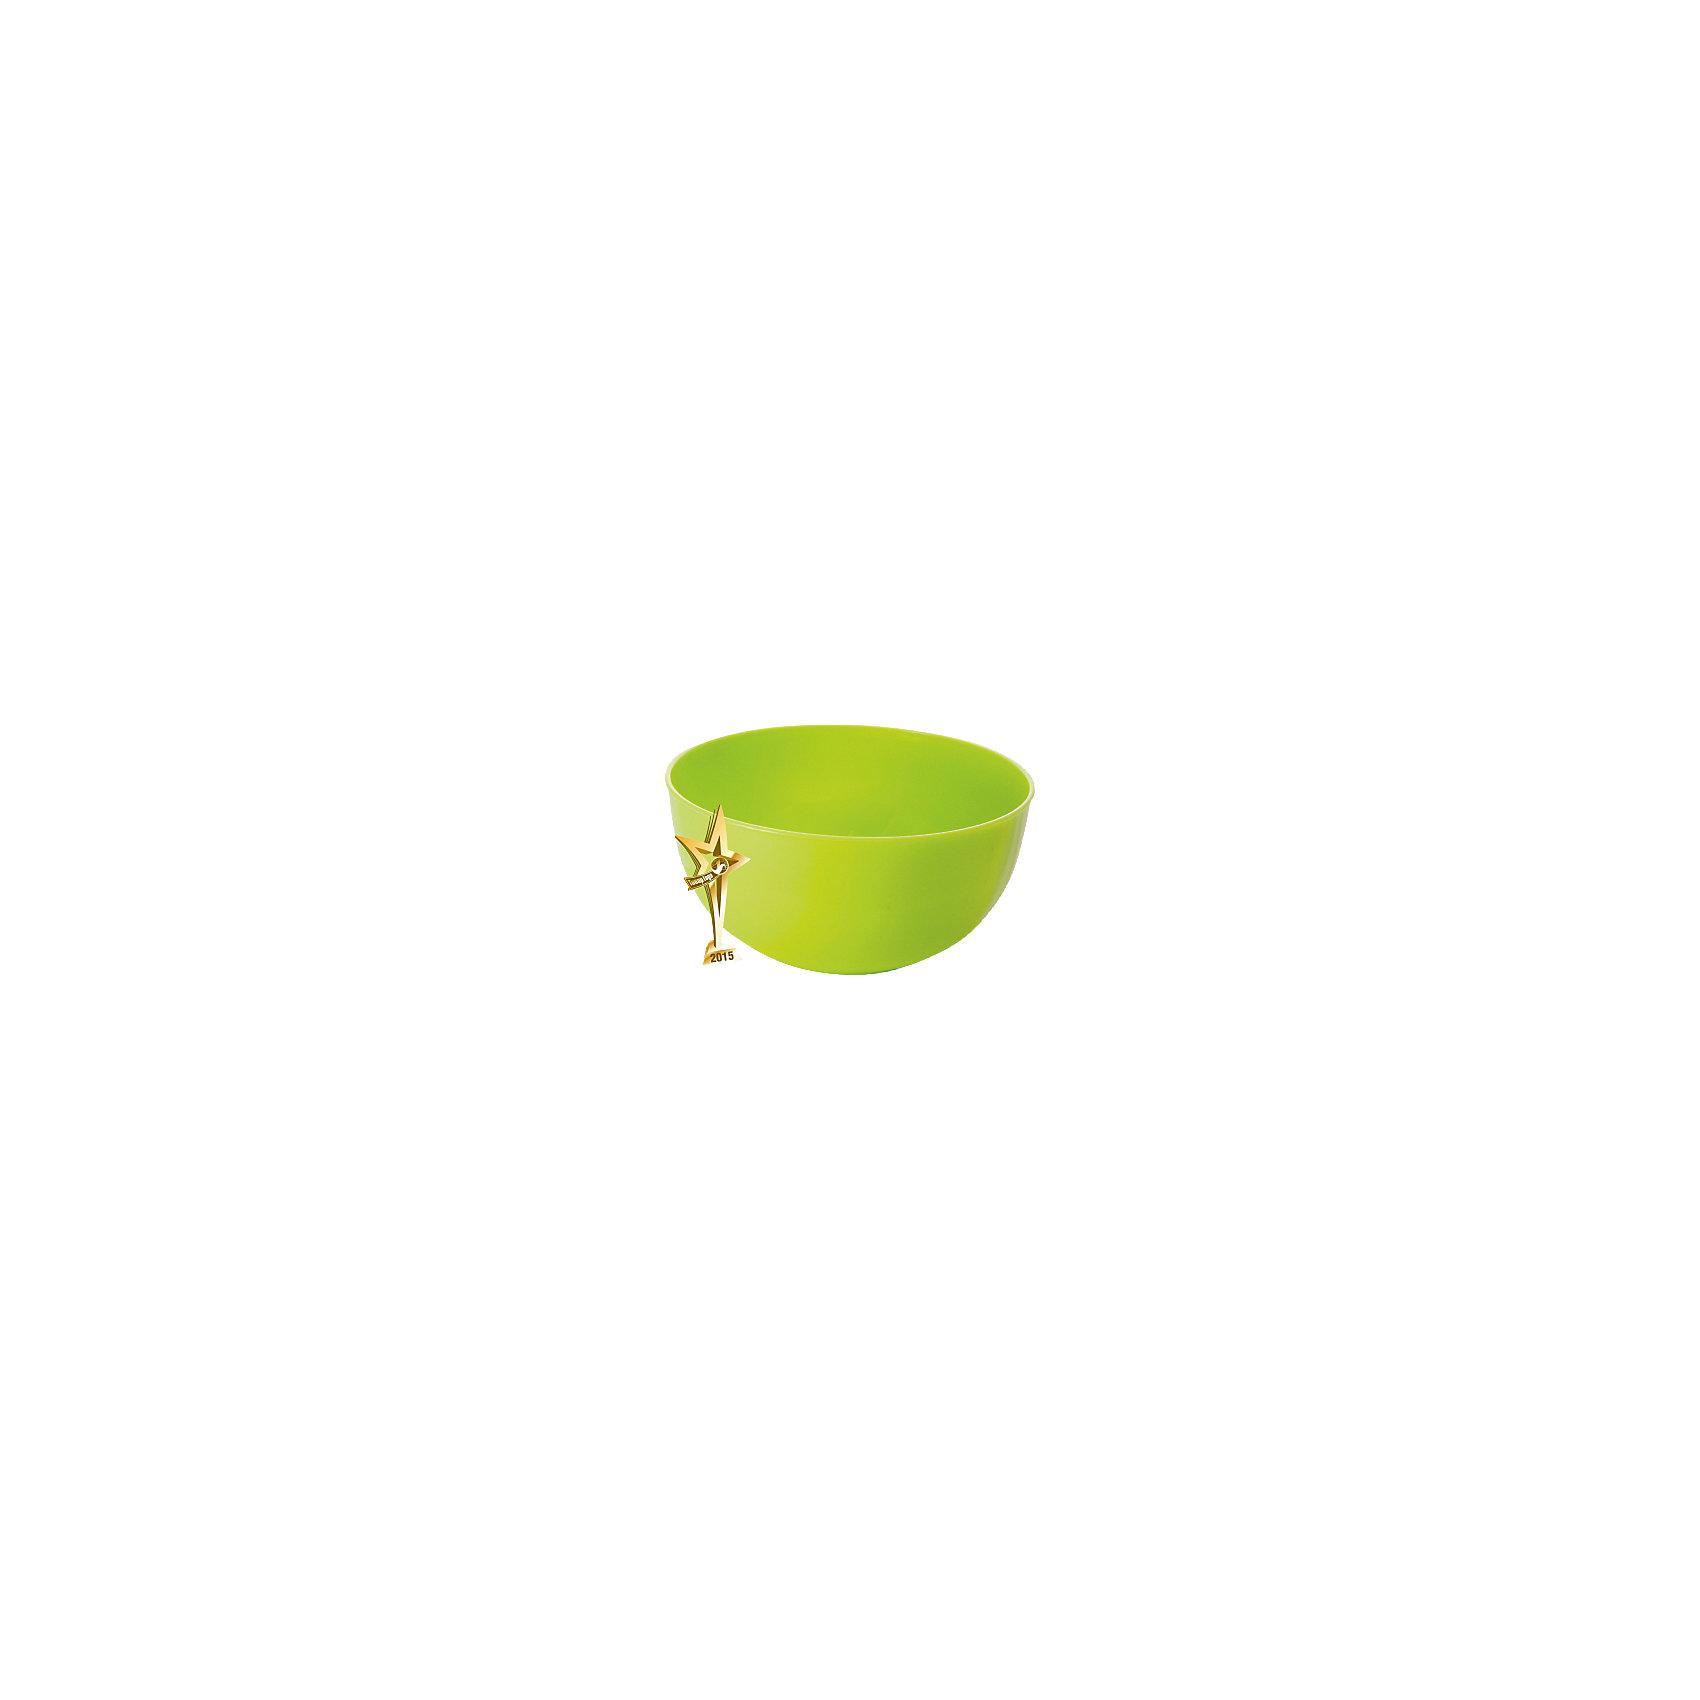 Салатник Galaxy 2,5 л, Plastic CentreПосуда<br>Салатник Galaxy 2,5 л, Plastic Centre<br><br>Характеристики:<br><br>• Цвет: зеленый<br>• Материал: пластик<br>• В комплекте: 1 штука<br>• Объем: 2,5 литров<br><br>Благодаря яркому интересному дизайну этот салатник придаст творческой атмосферы вашей кухне и процессу готовки. Его можно использовать как для приготовления блюд, так и для их подачи на стол. Салатник имеет литраж 2,5 л, а так же изготовлен из высококачественного пластика.<br><br>Салатник Galaxy 2,5 л, Plastic Centre i можно купить в нашем интернет-магазине.<br><br>Ширина мм: 210<br>Глубина мм: 210<br>Высота мм: 103<br>Вес г: 119<br>Возраст от месяцев: 216<br>Возраст до месяцев: 1188<br>Пол: Унисекс<br>Возраст: Детский<br>SKU: 5545693